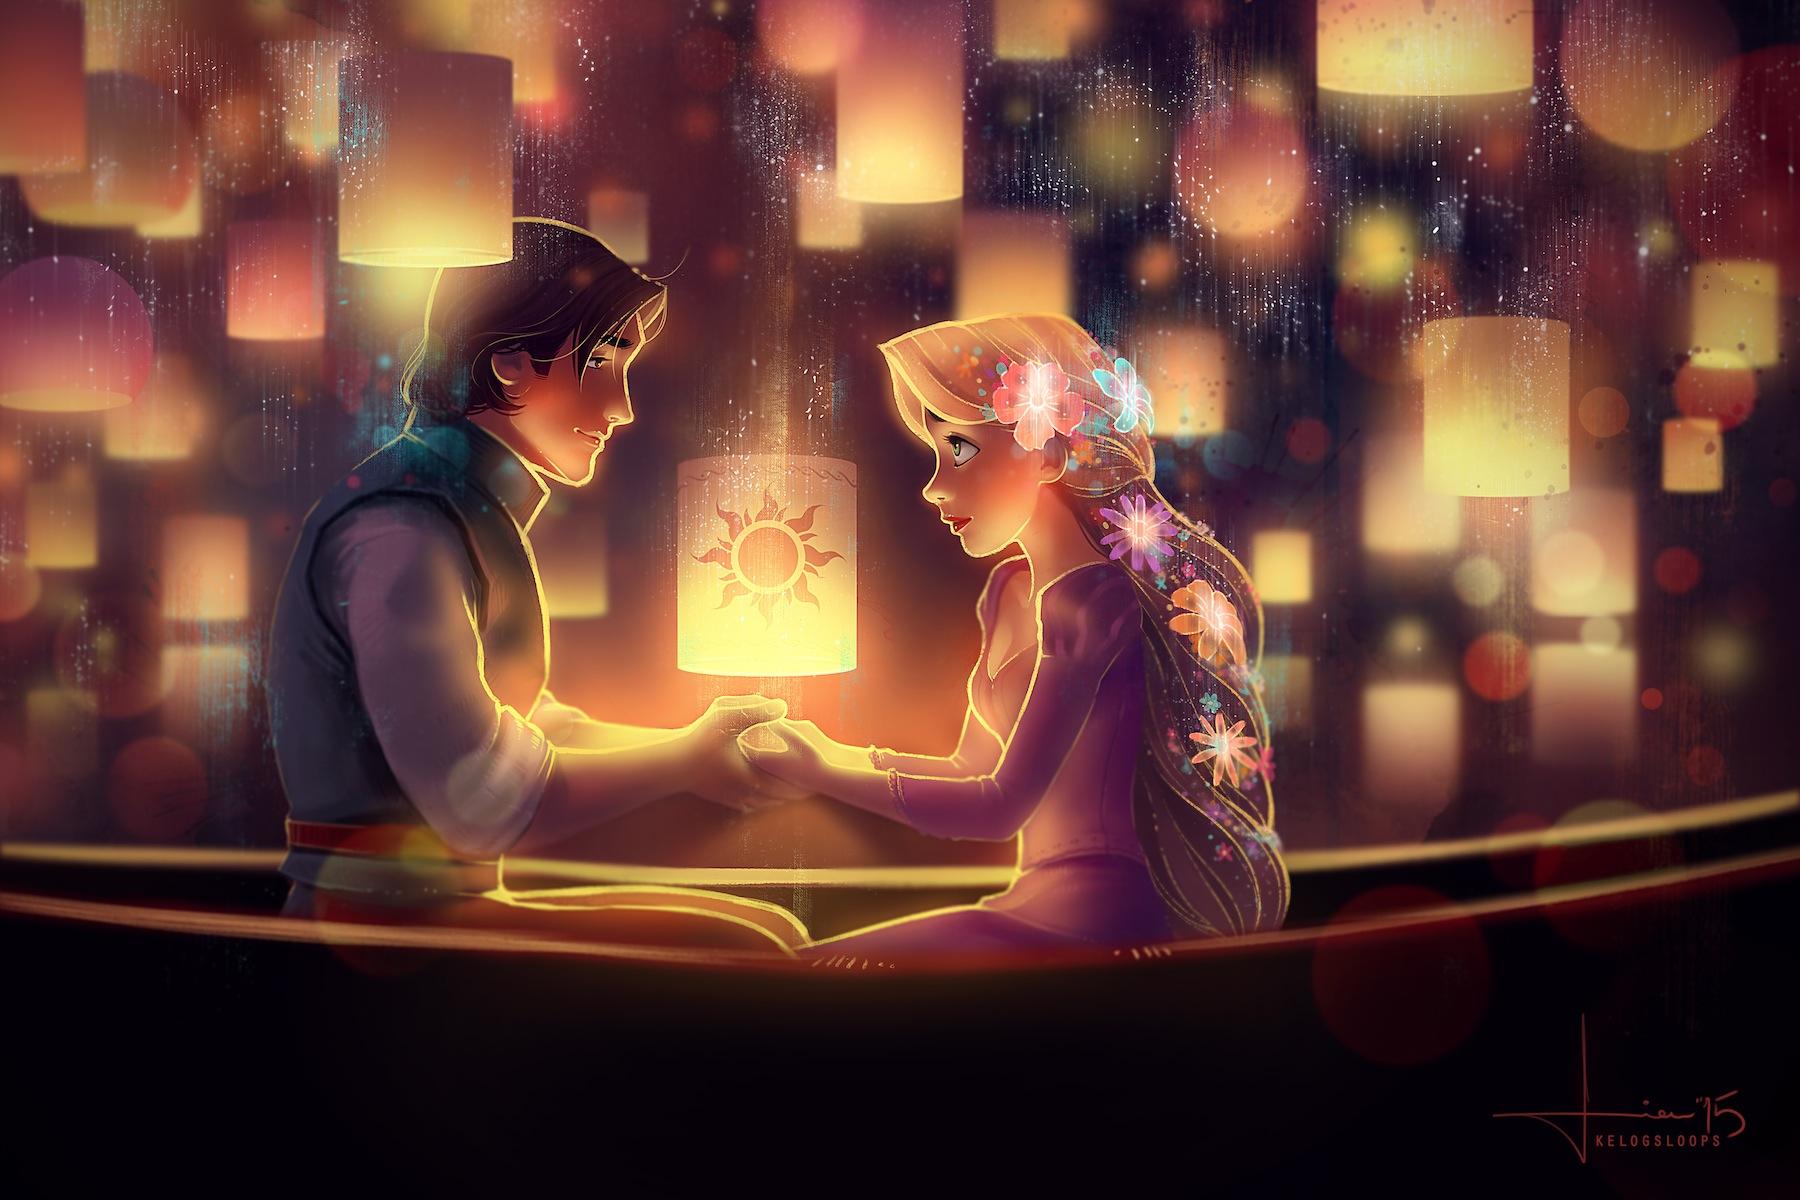 라푼젤과 플린